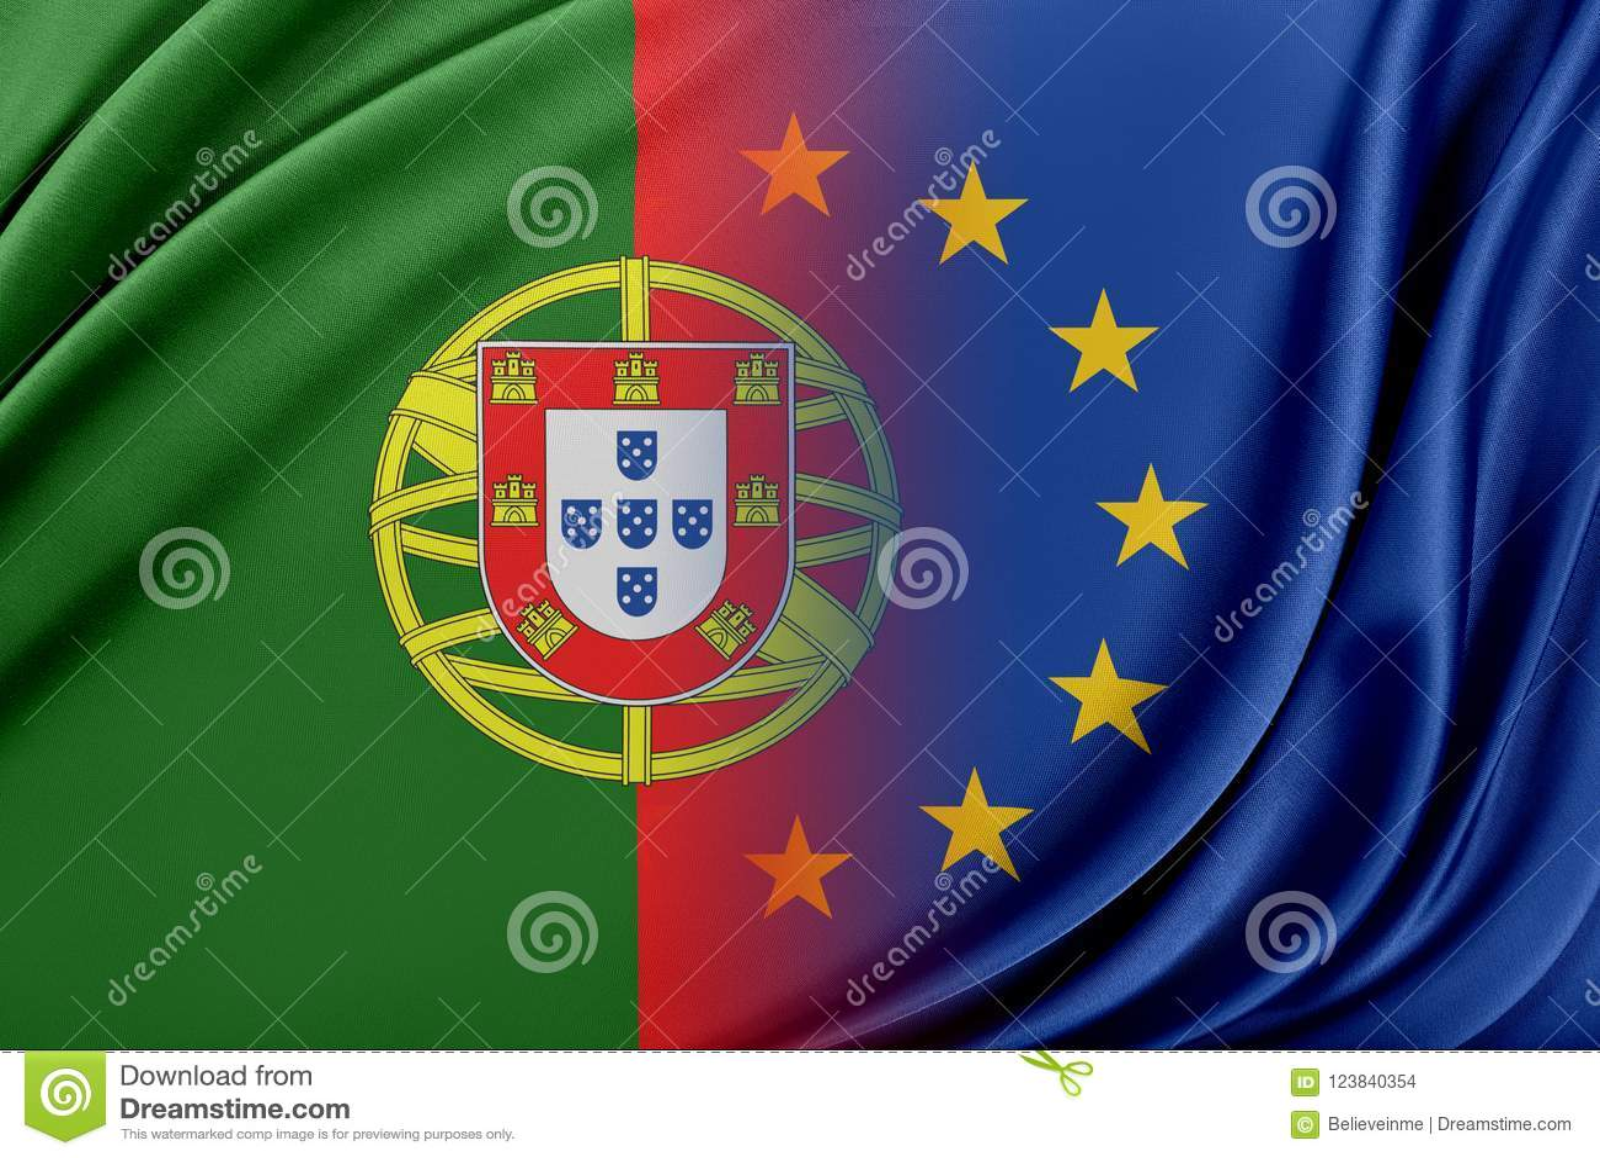 Europeisk union och Portugal Begreppet av förhållandet mellan EU och Portugal